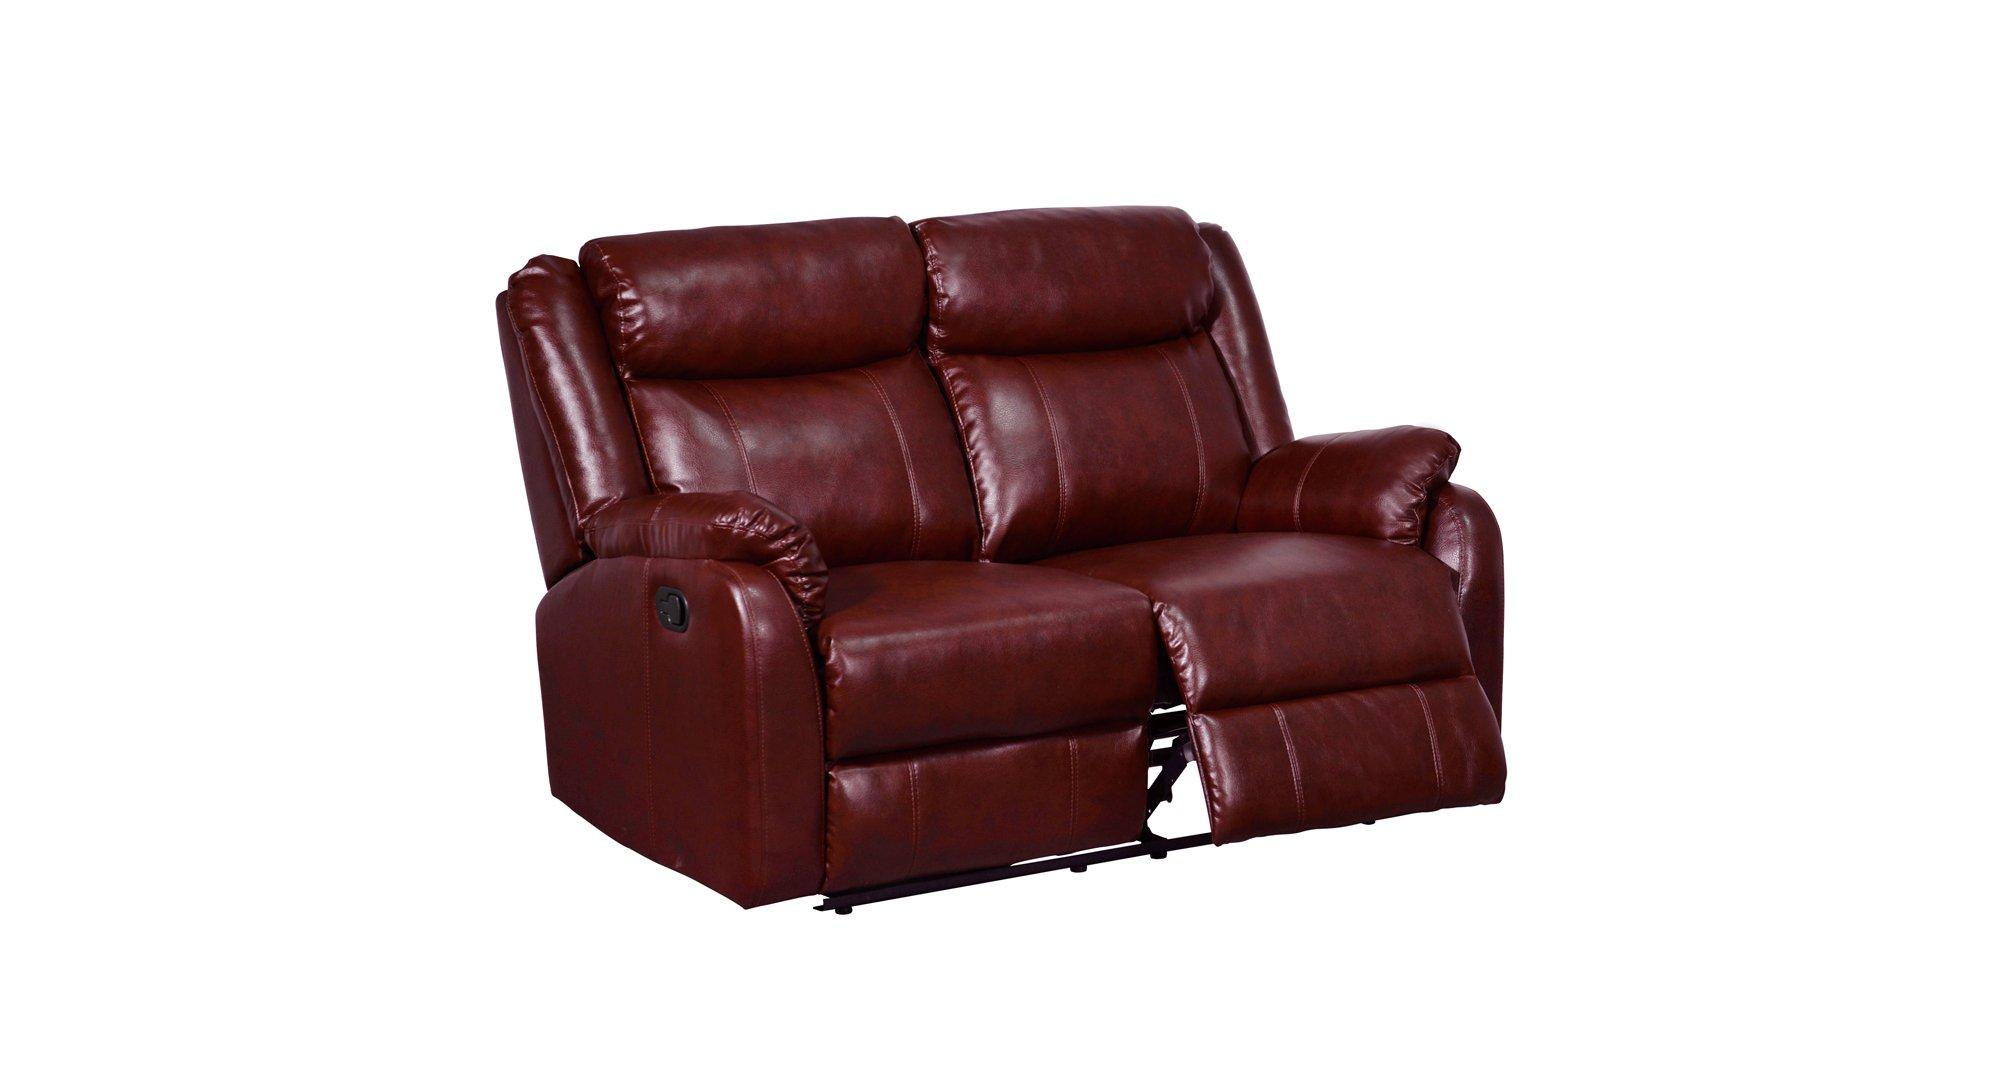 U9303 Burgundy Pu Reclining Loveseat By Global Furniture